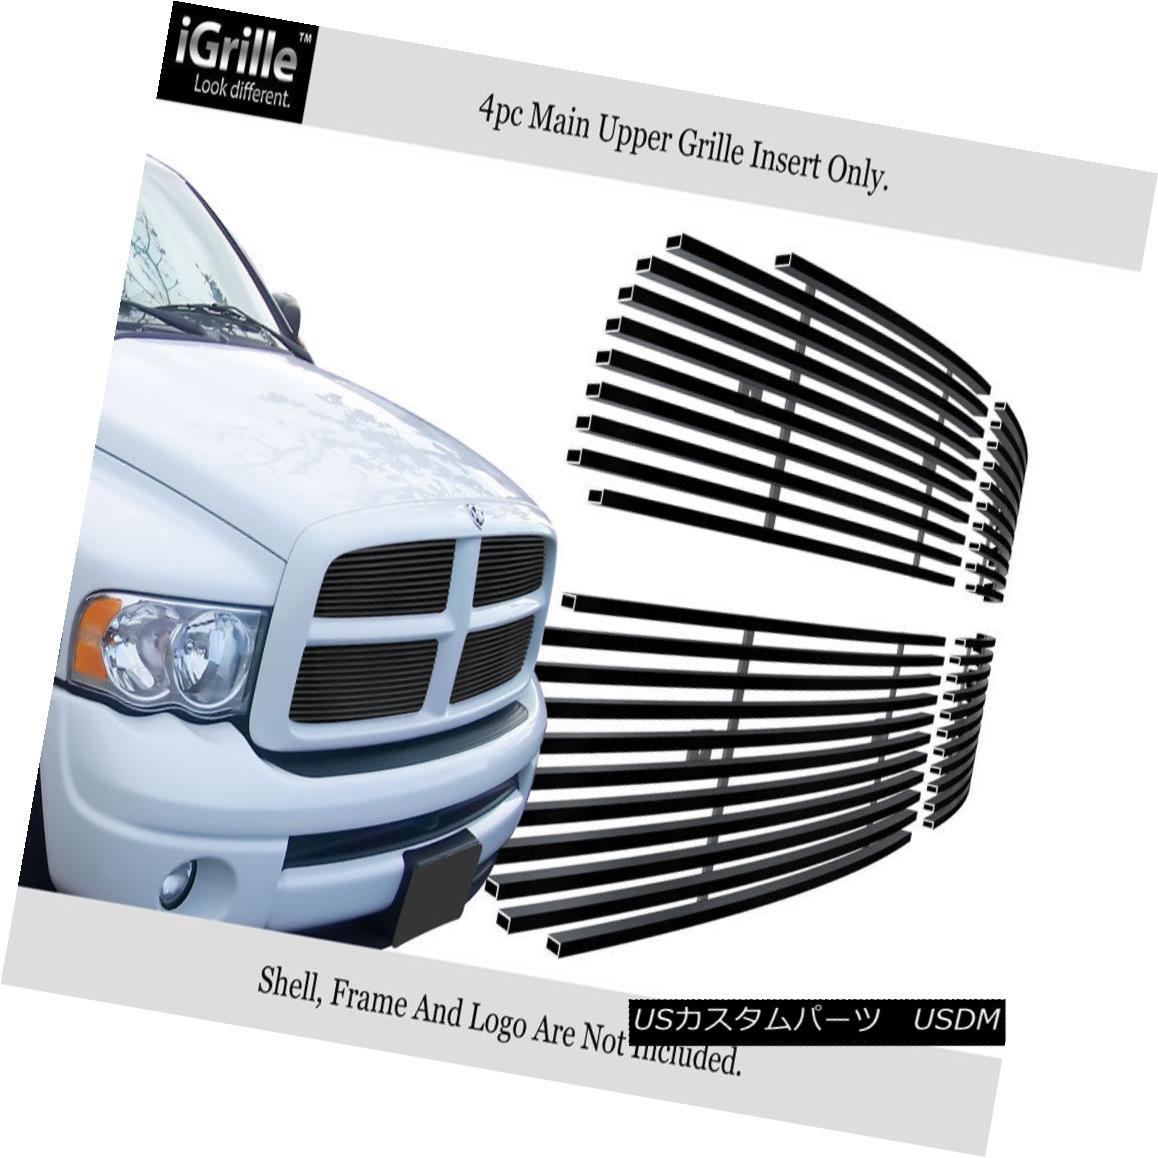 グリル For 2002-2005 Dodge Ram Black Stainless Steel Billet Grille Grill Insert 2002-2005ダッジラムブラックステンレス鋼ビレットグリルグリルインサート用